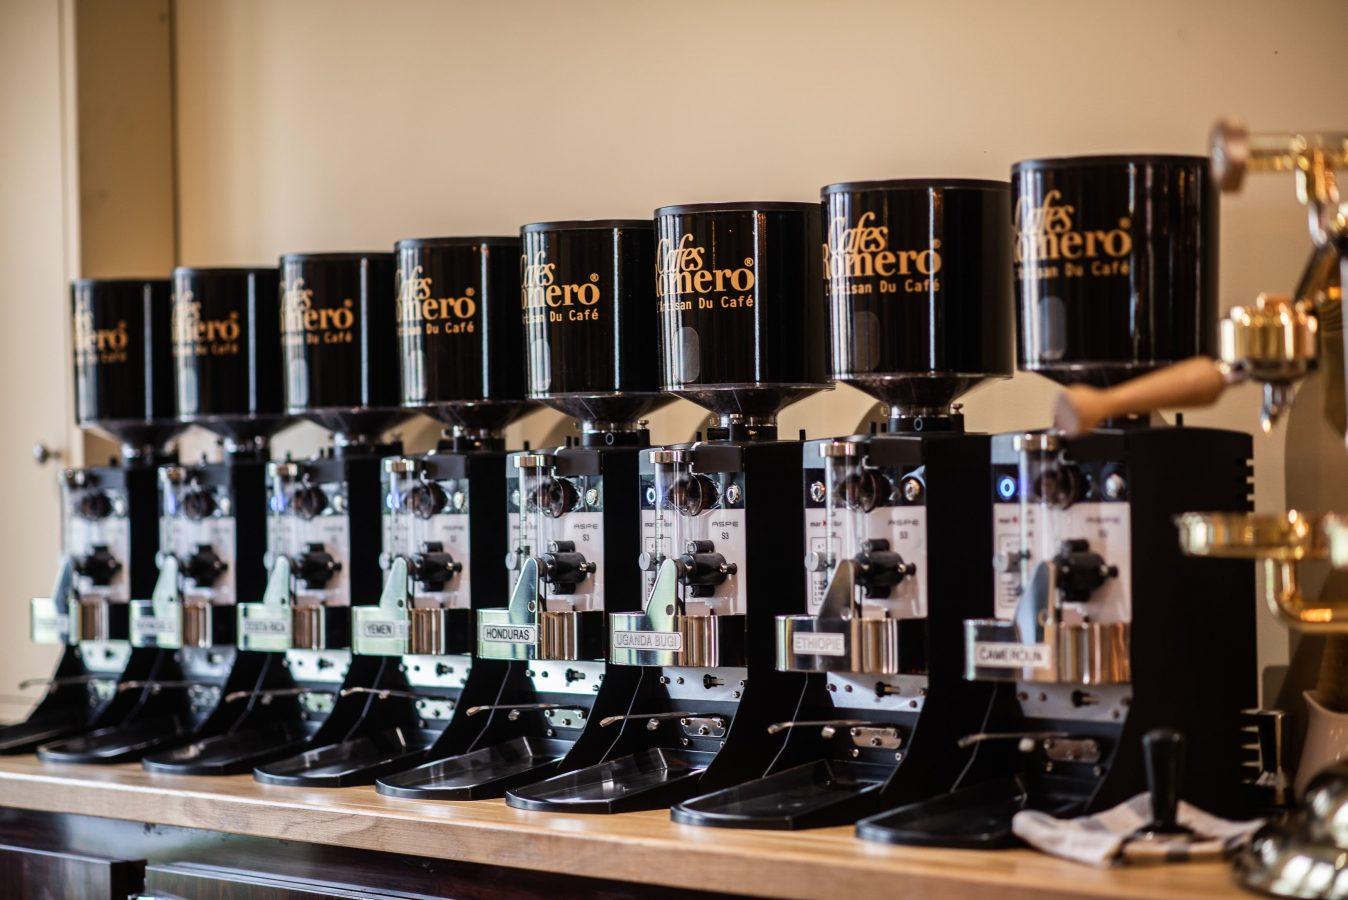 La Torréfaction – Cafés Romero